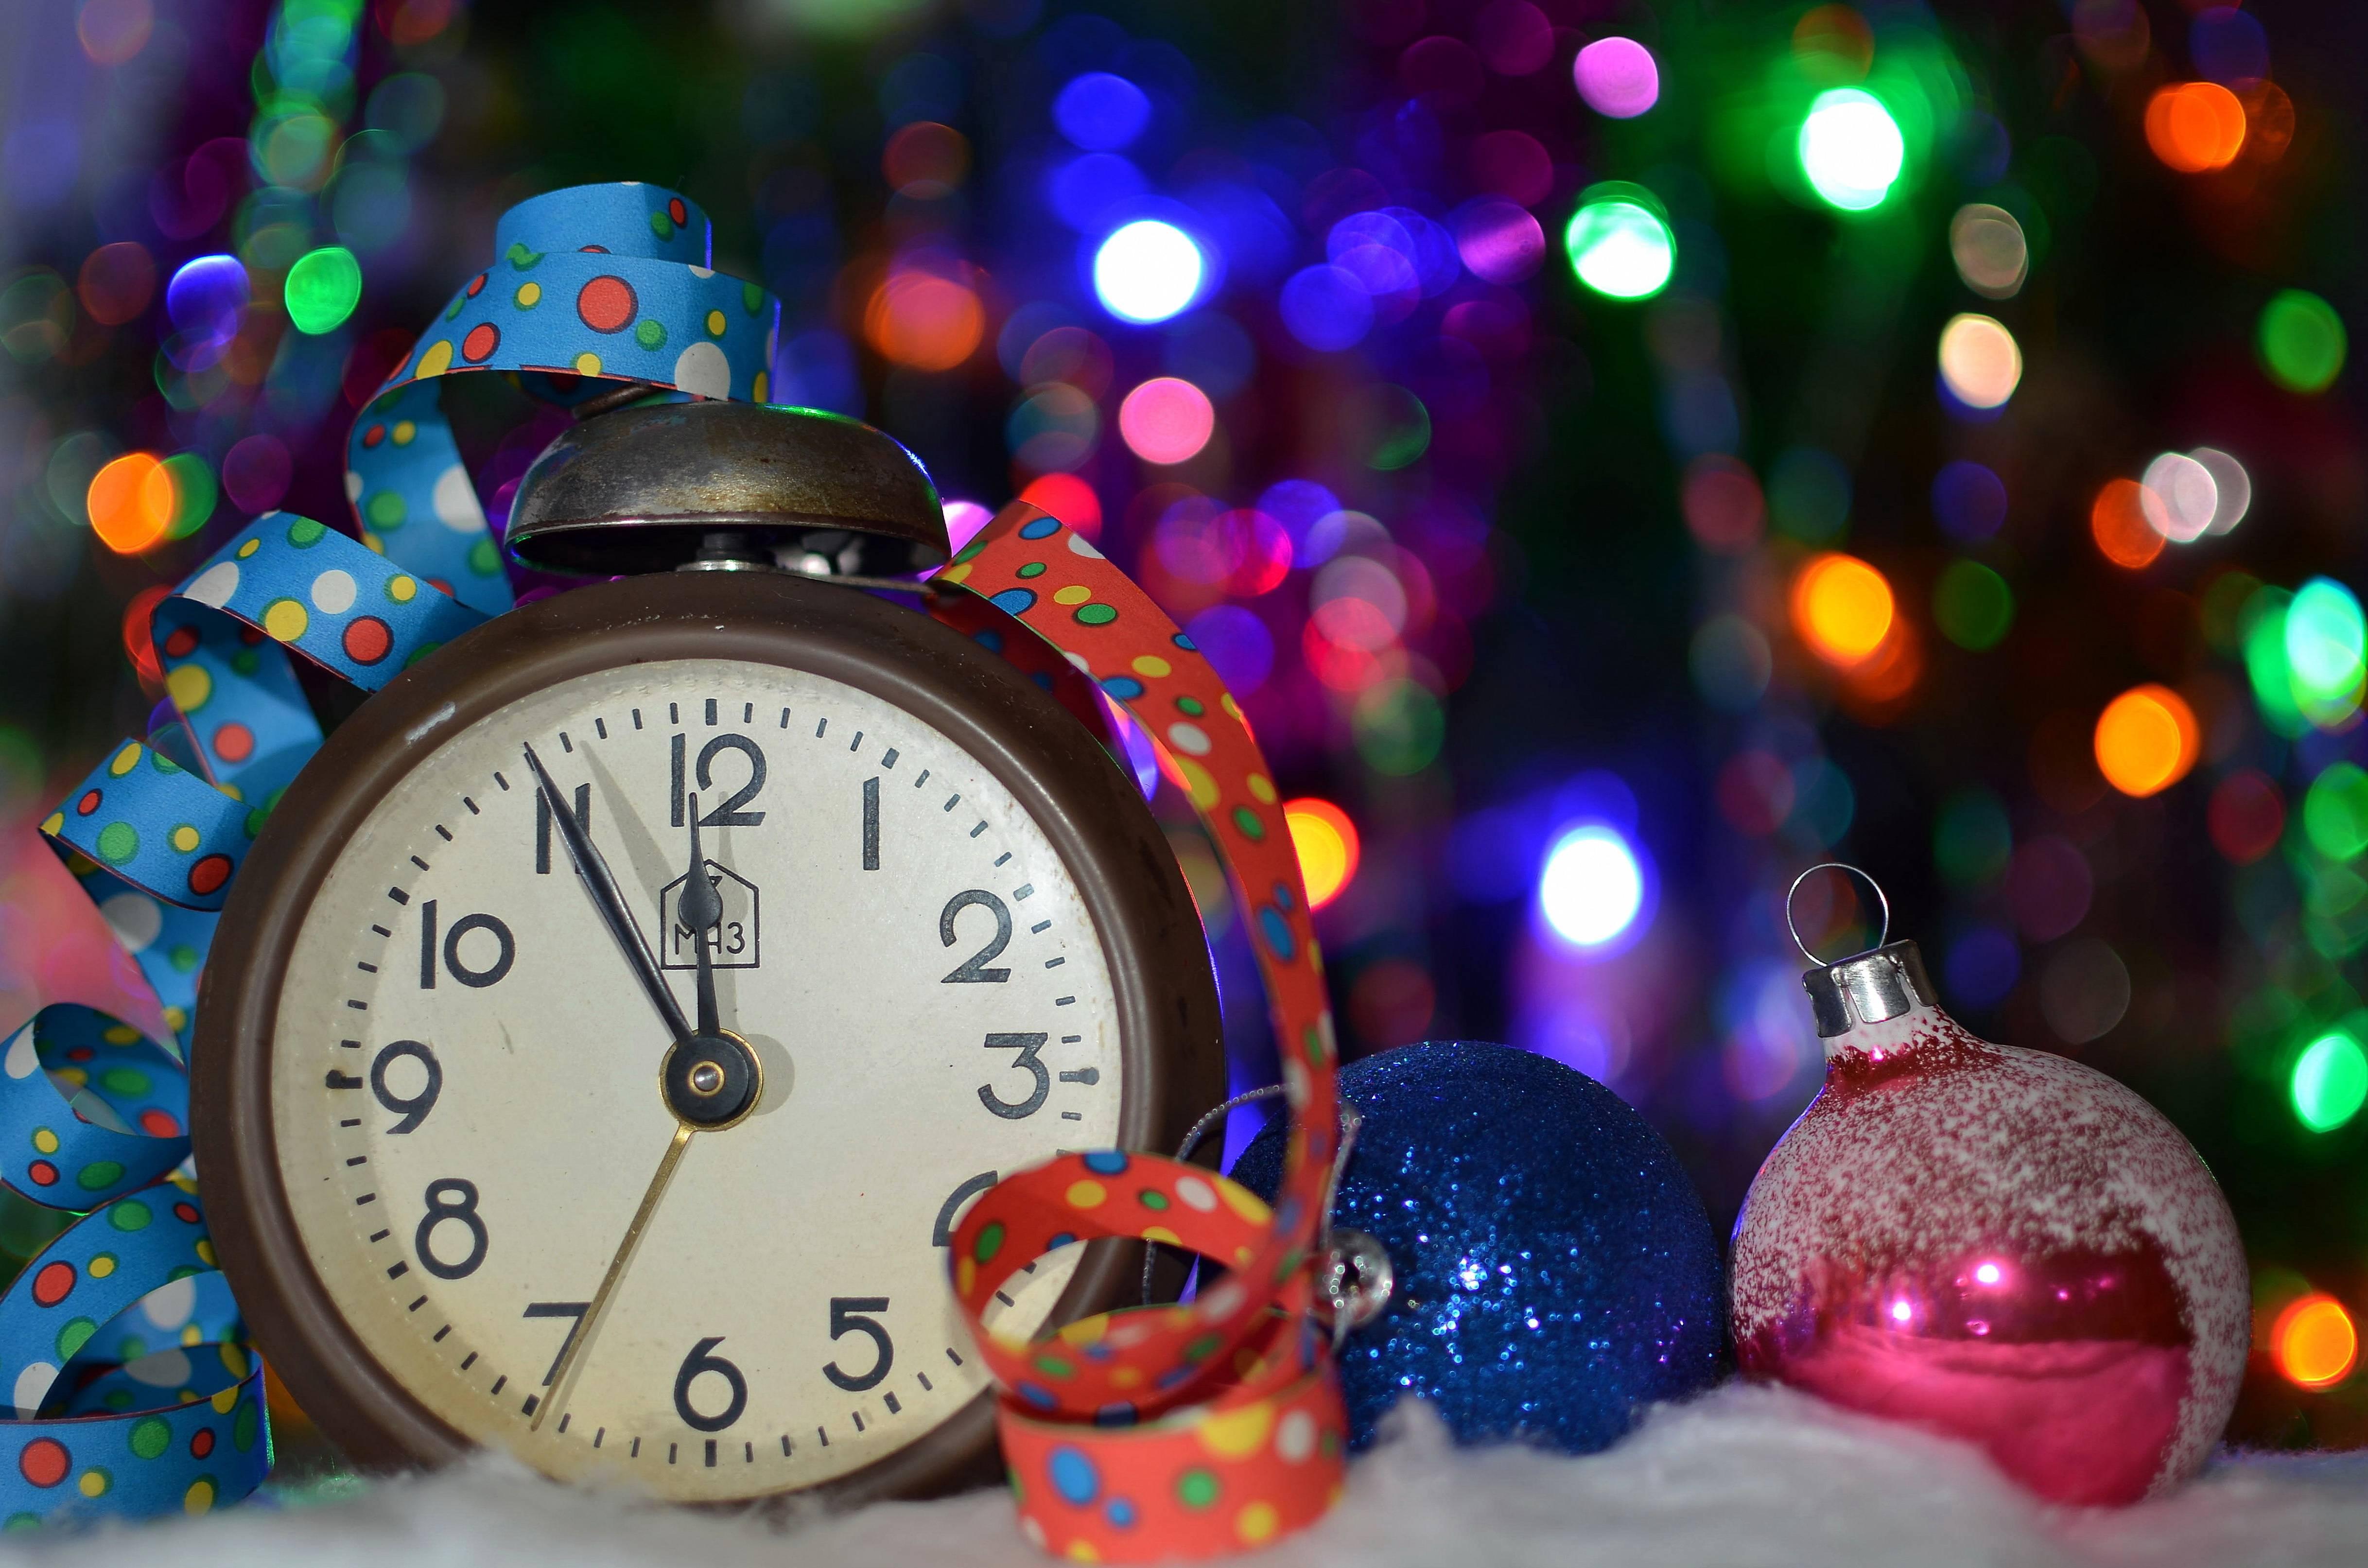 На экране ведется обратный цифровой отсчет времени до даты наступления нового года.